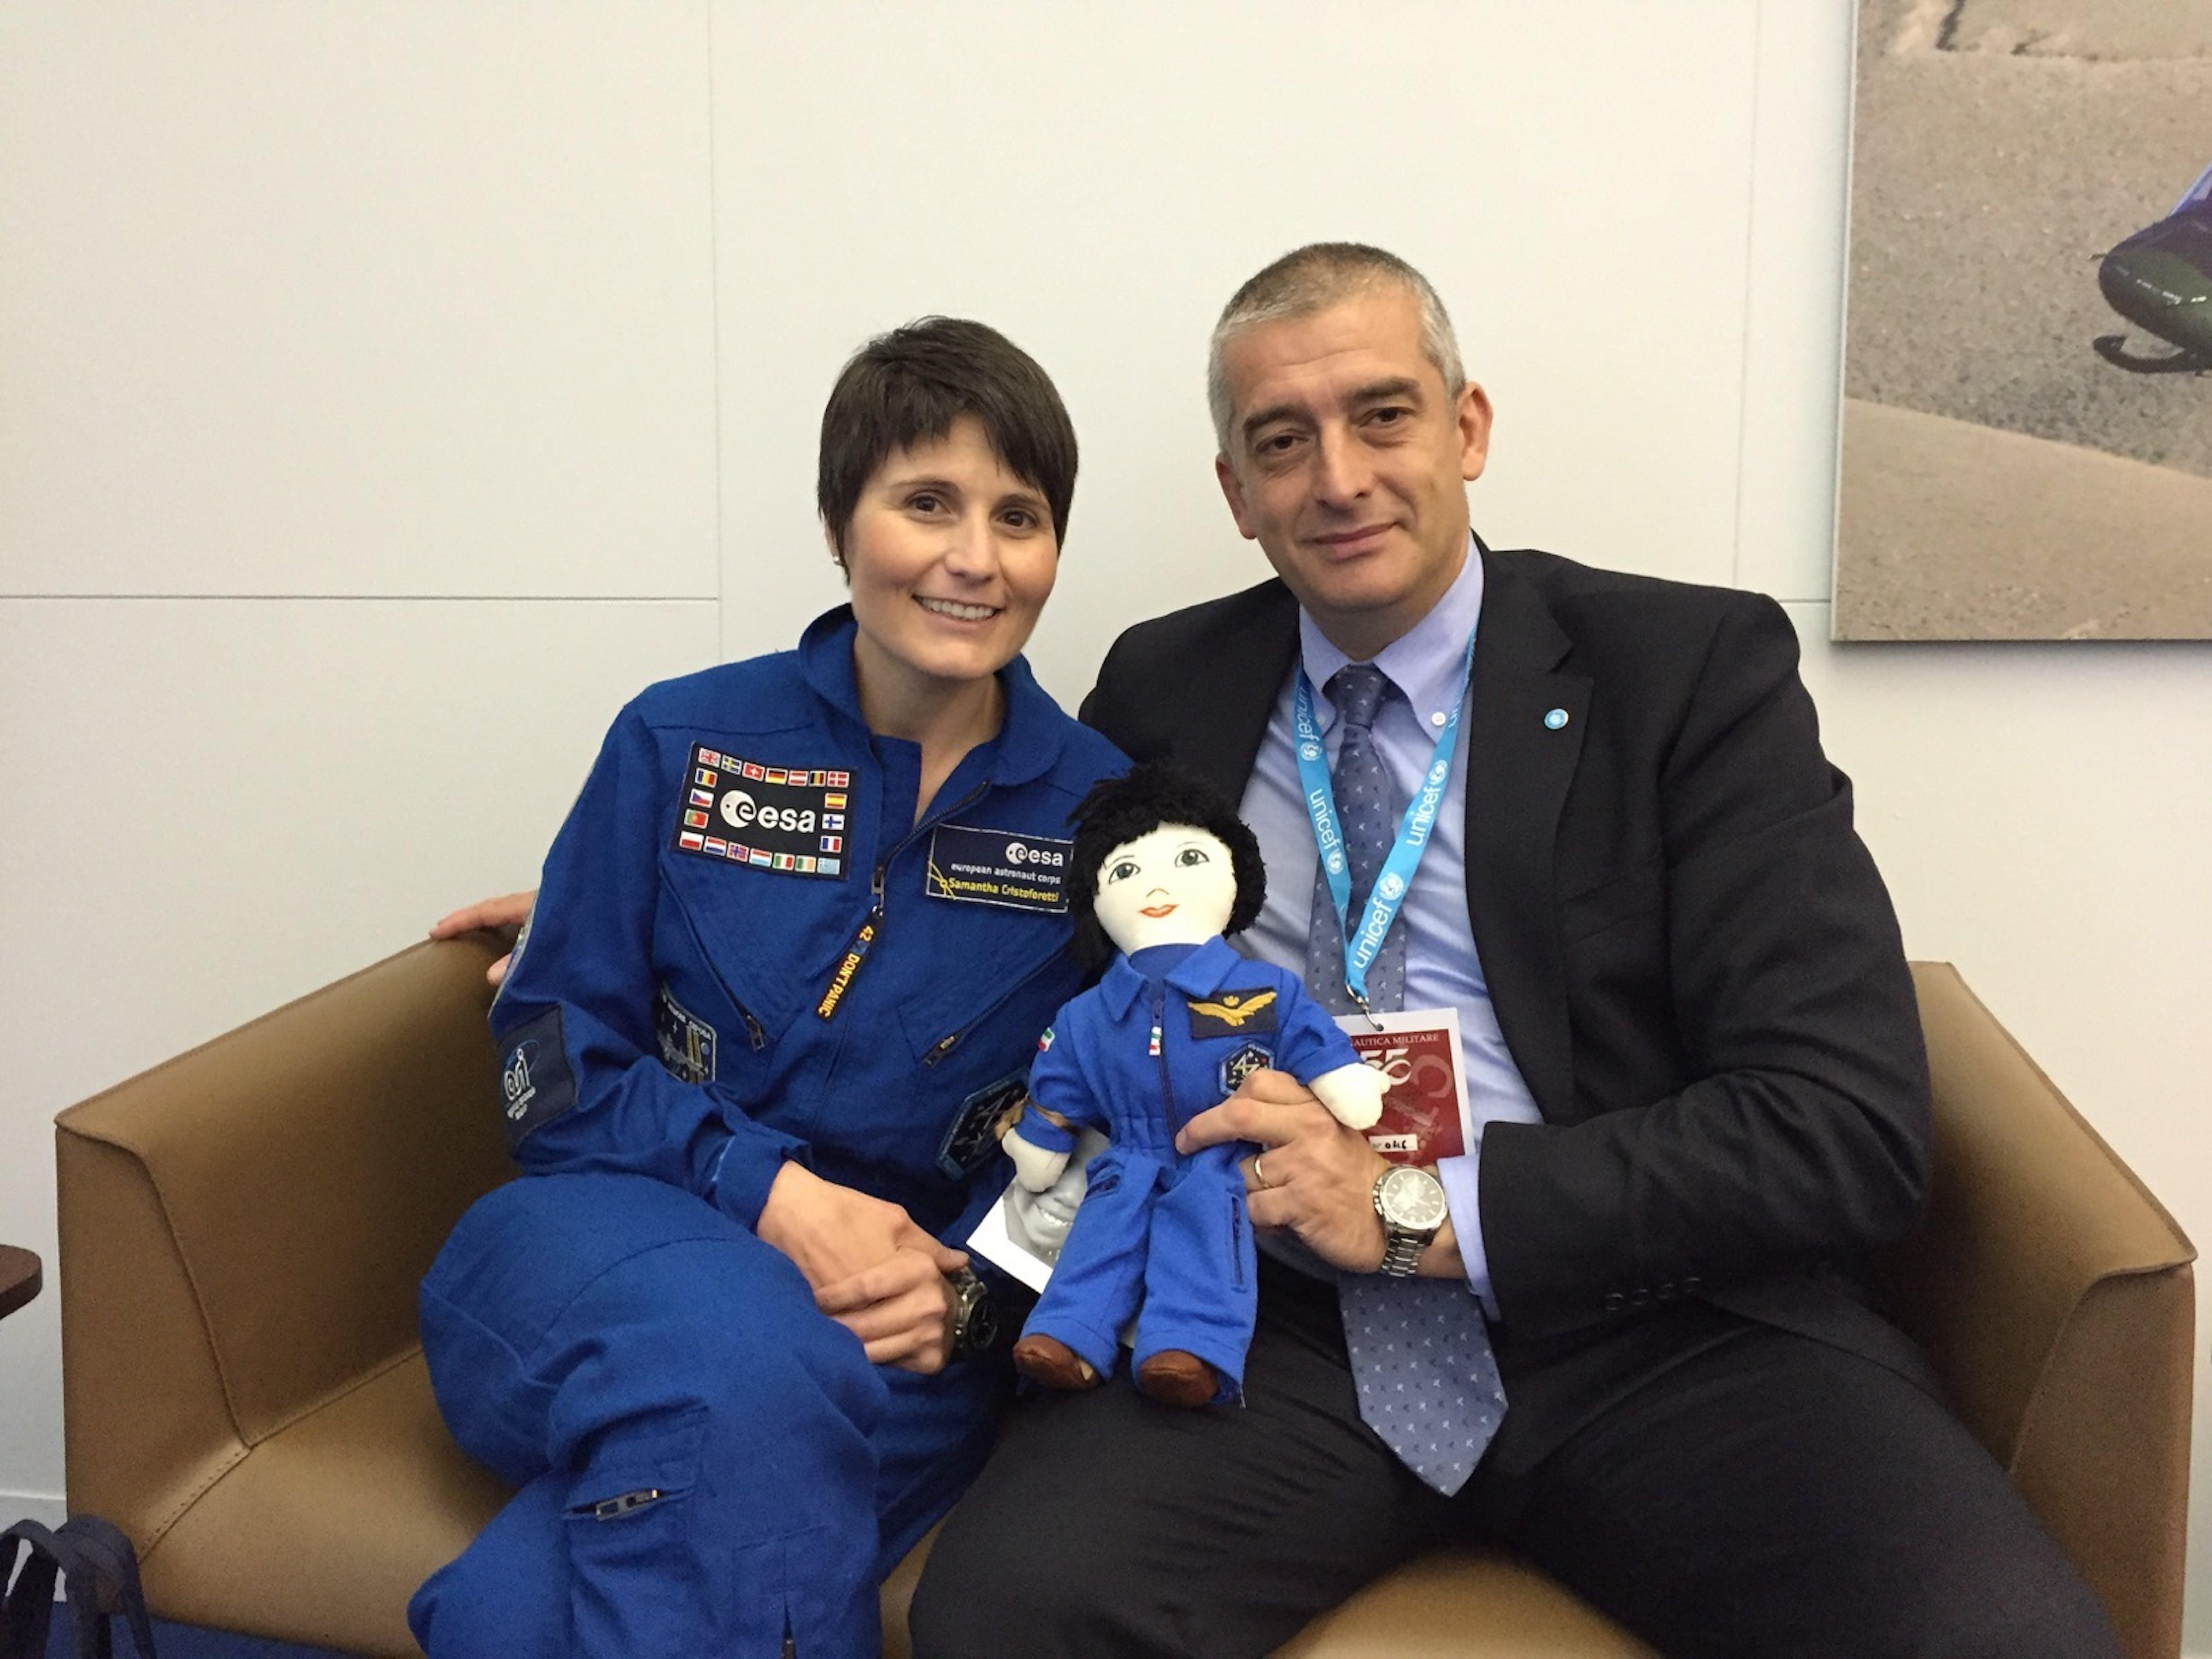 L'astronauta dell'ESA Samantha Cristoforetti e Paolo Rozera, direttore generale dell'UNICEF Itallia - ©UNICEF Italia/2015